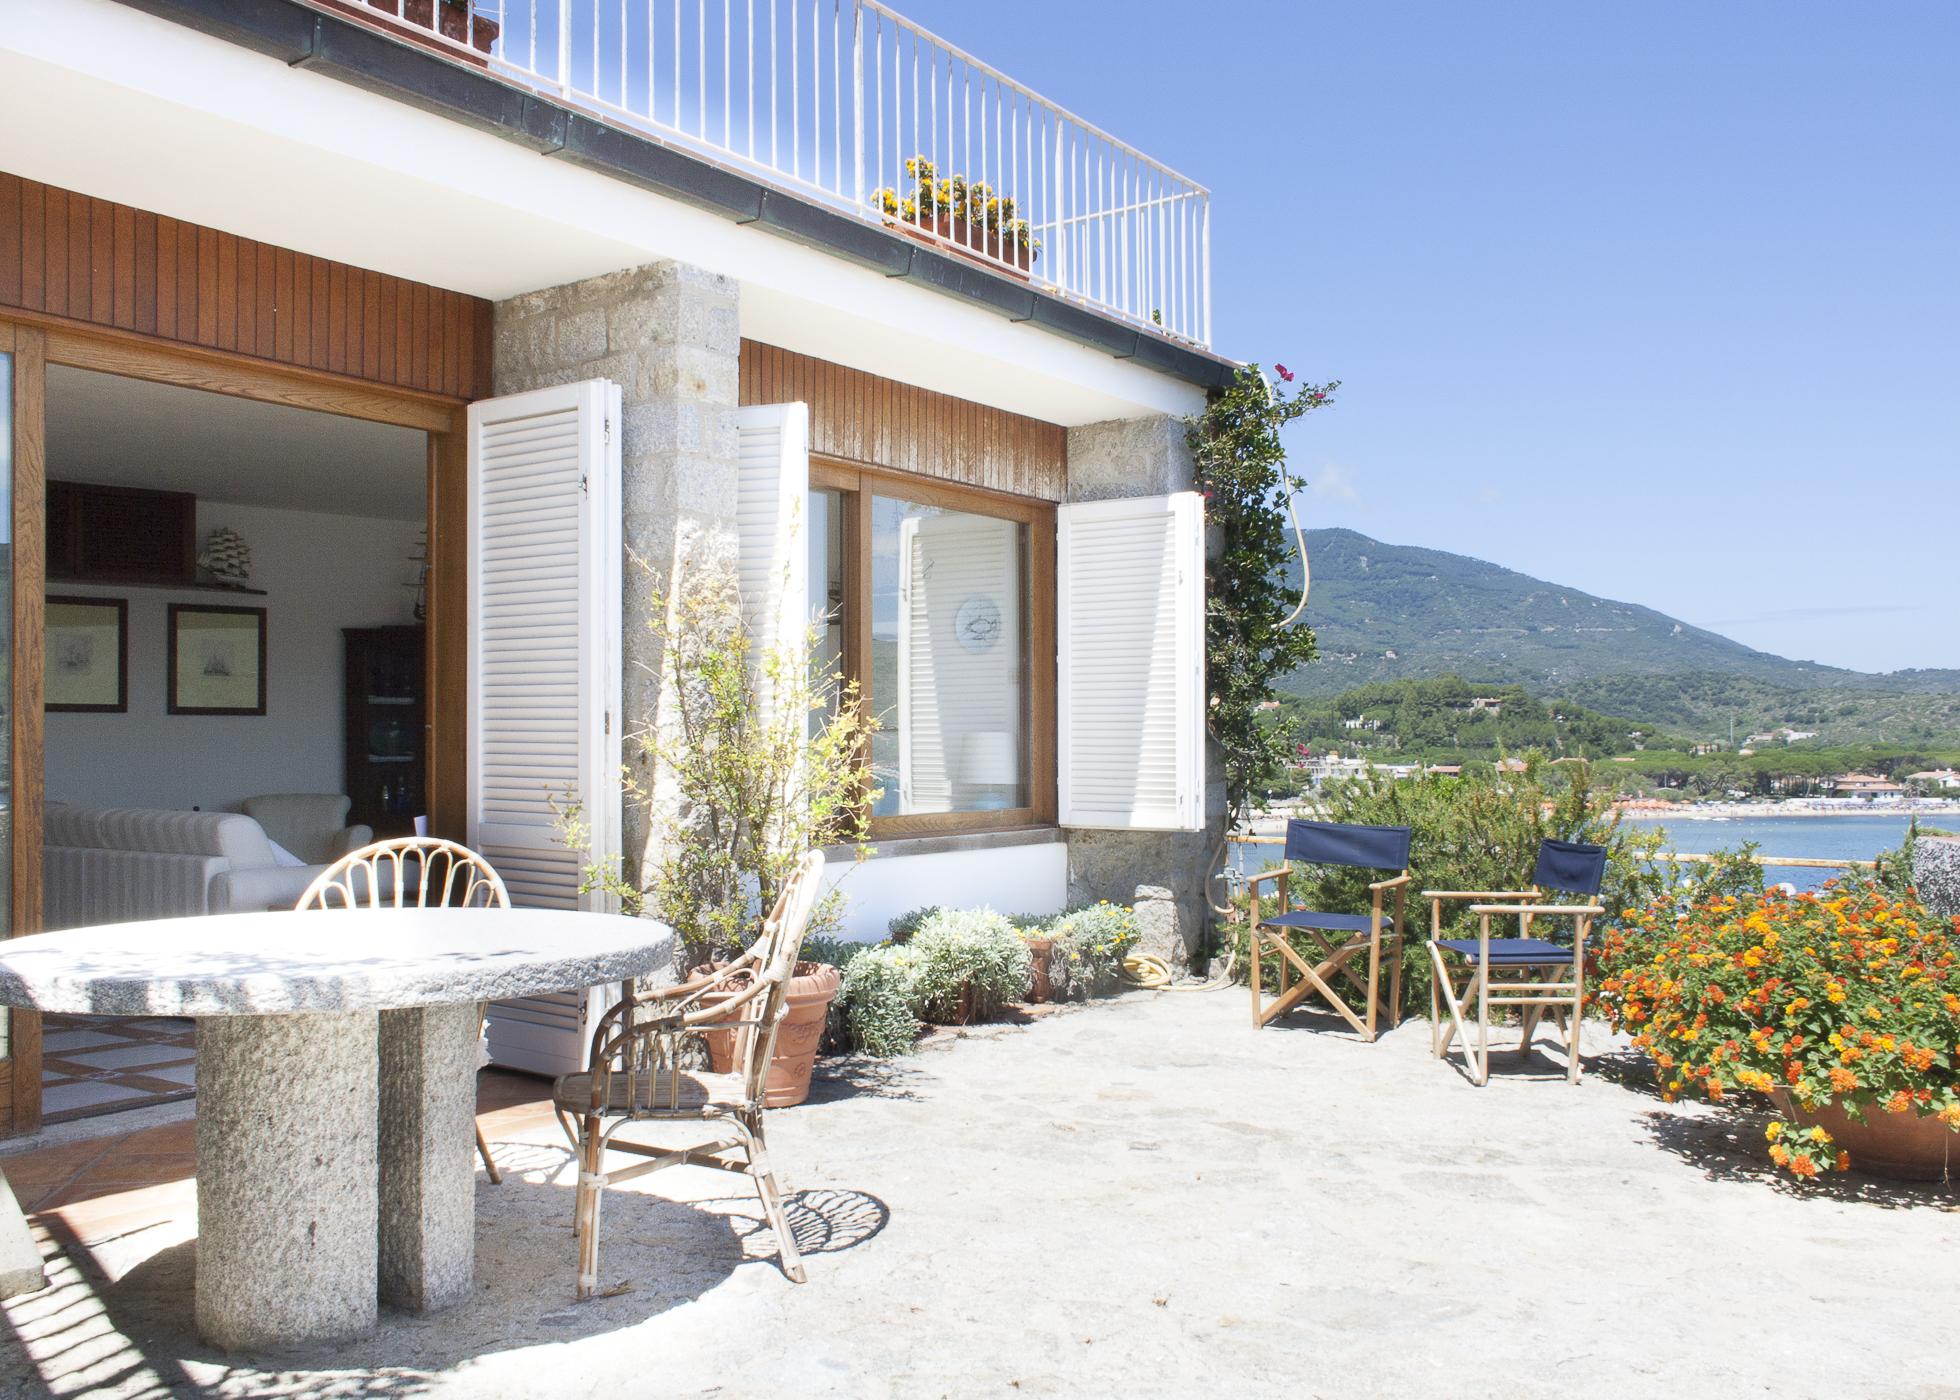 Ferienhaus TERRAZZA SUL MARE (2334401), Marina di Campo, Elba, Toskana, Italien, Bild 9